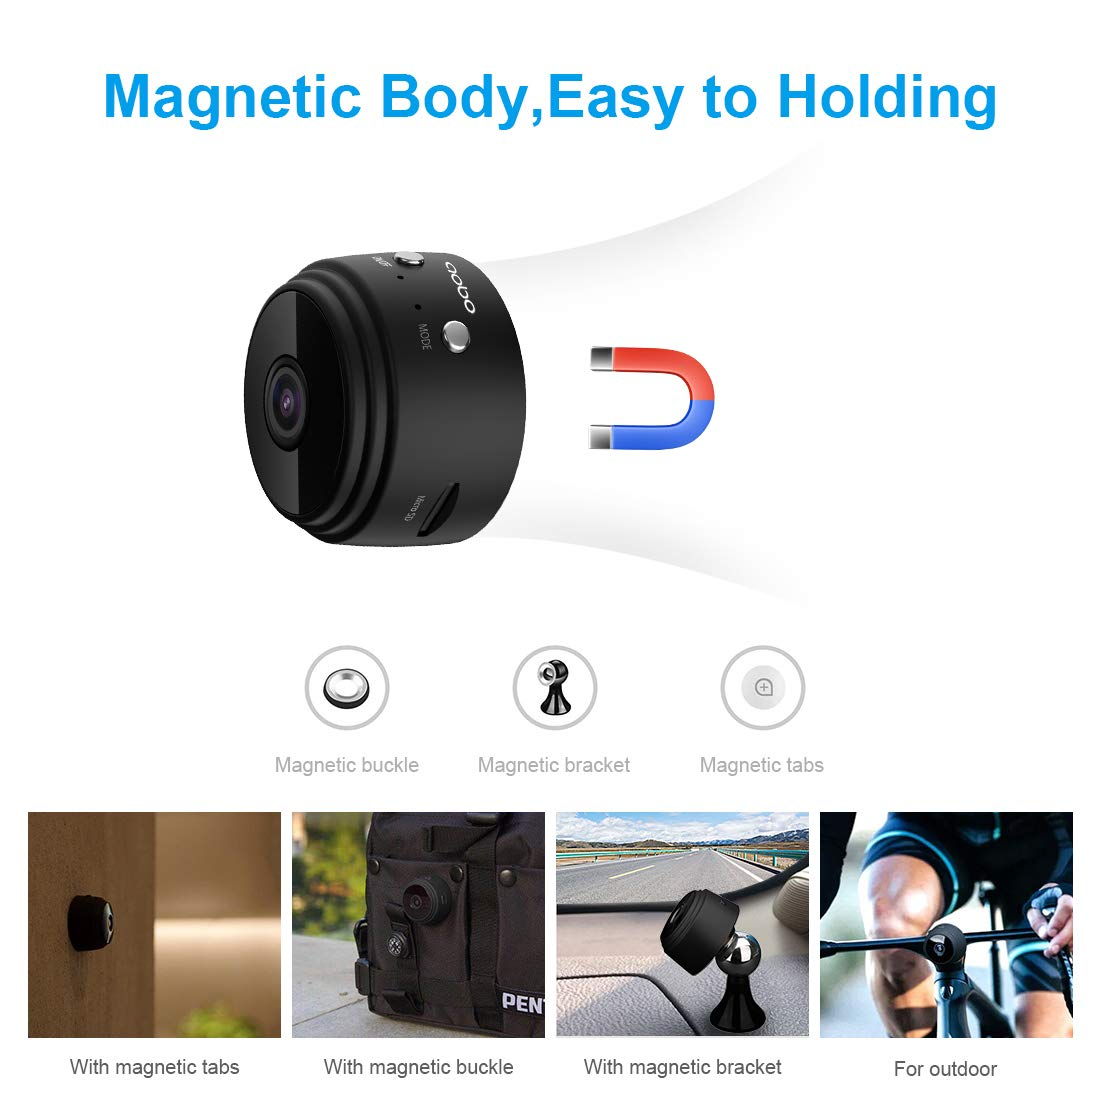 videocamera spia per iphone